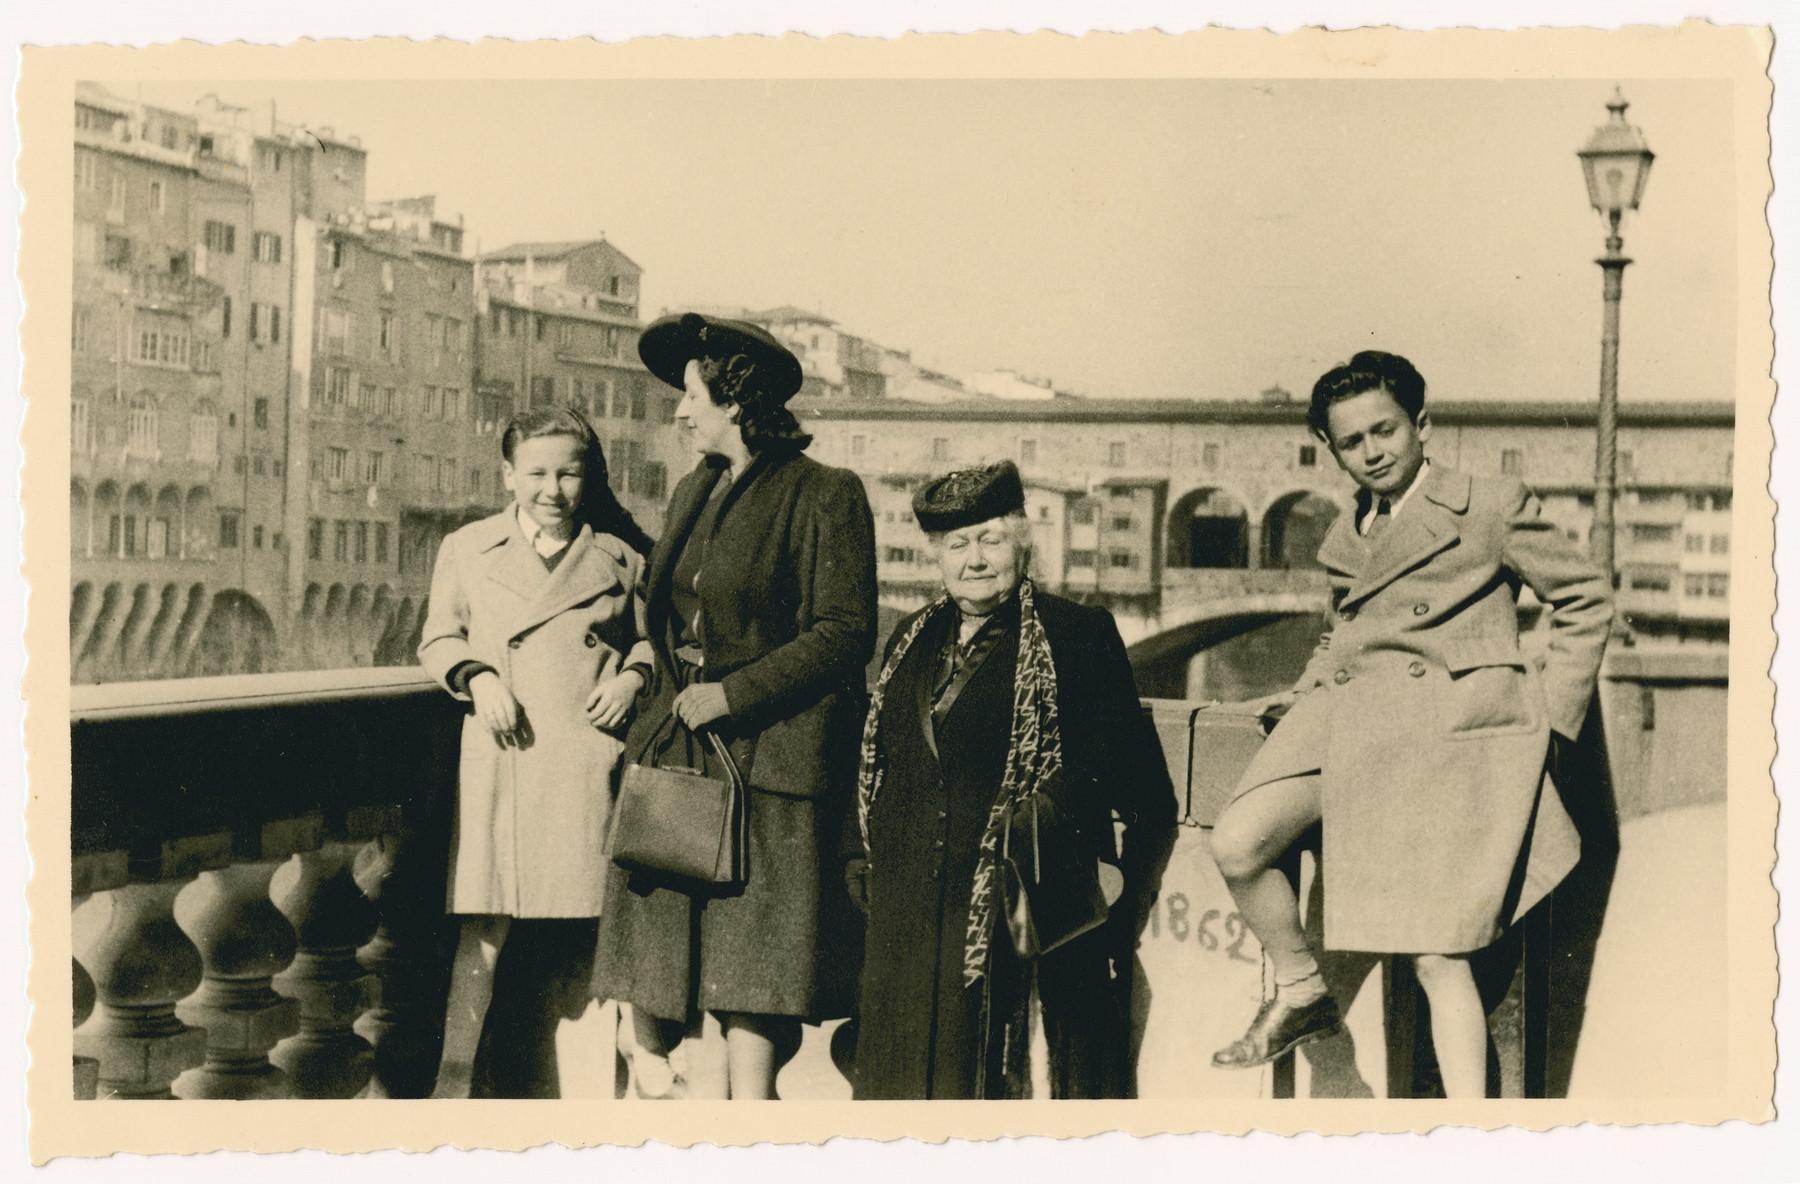 Daniele and Leonardo Nacamu visit the Ponte Vecchio with their grandmother Clotilde Coen.